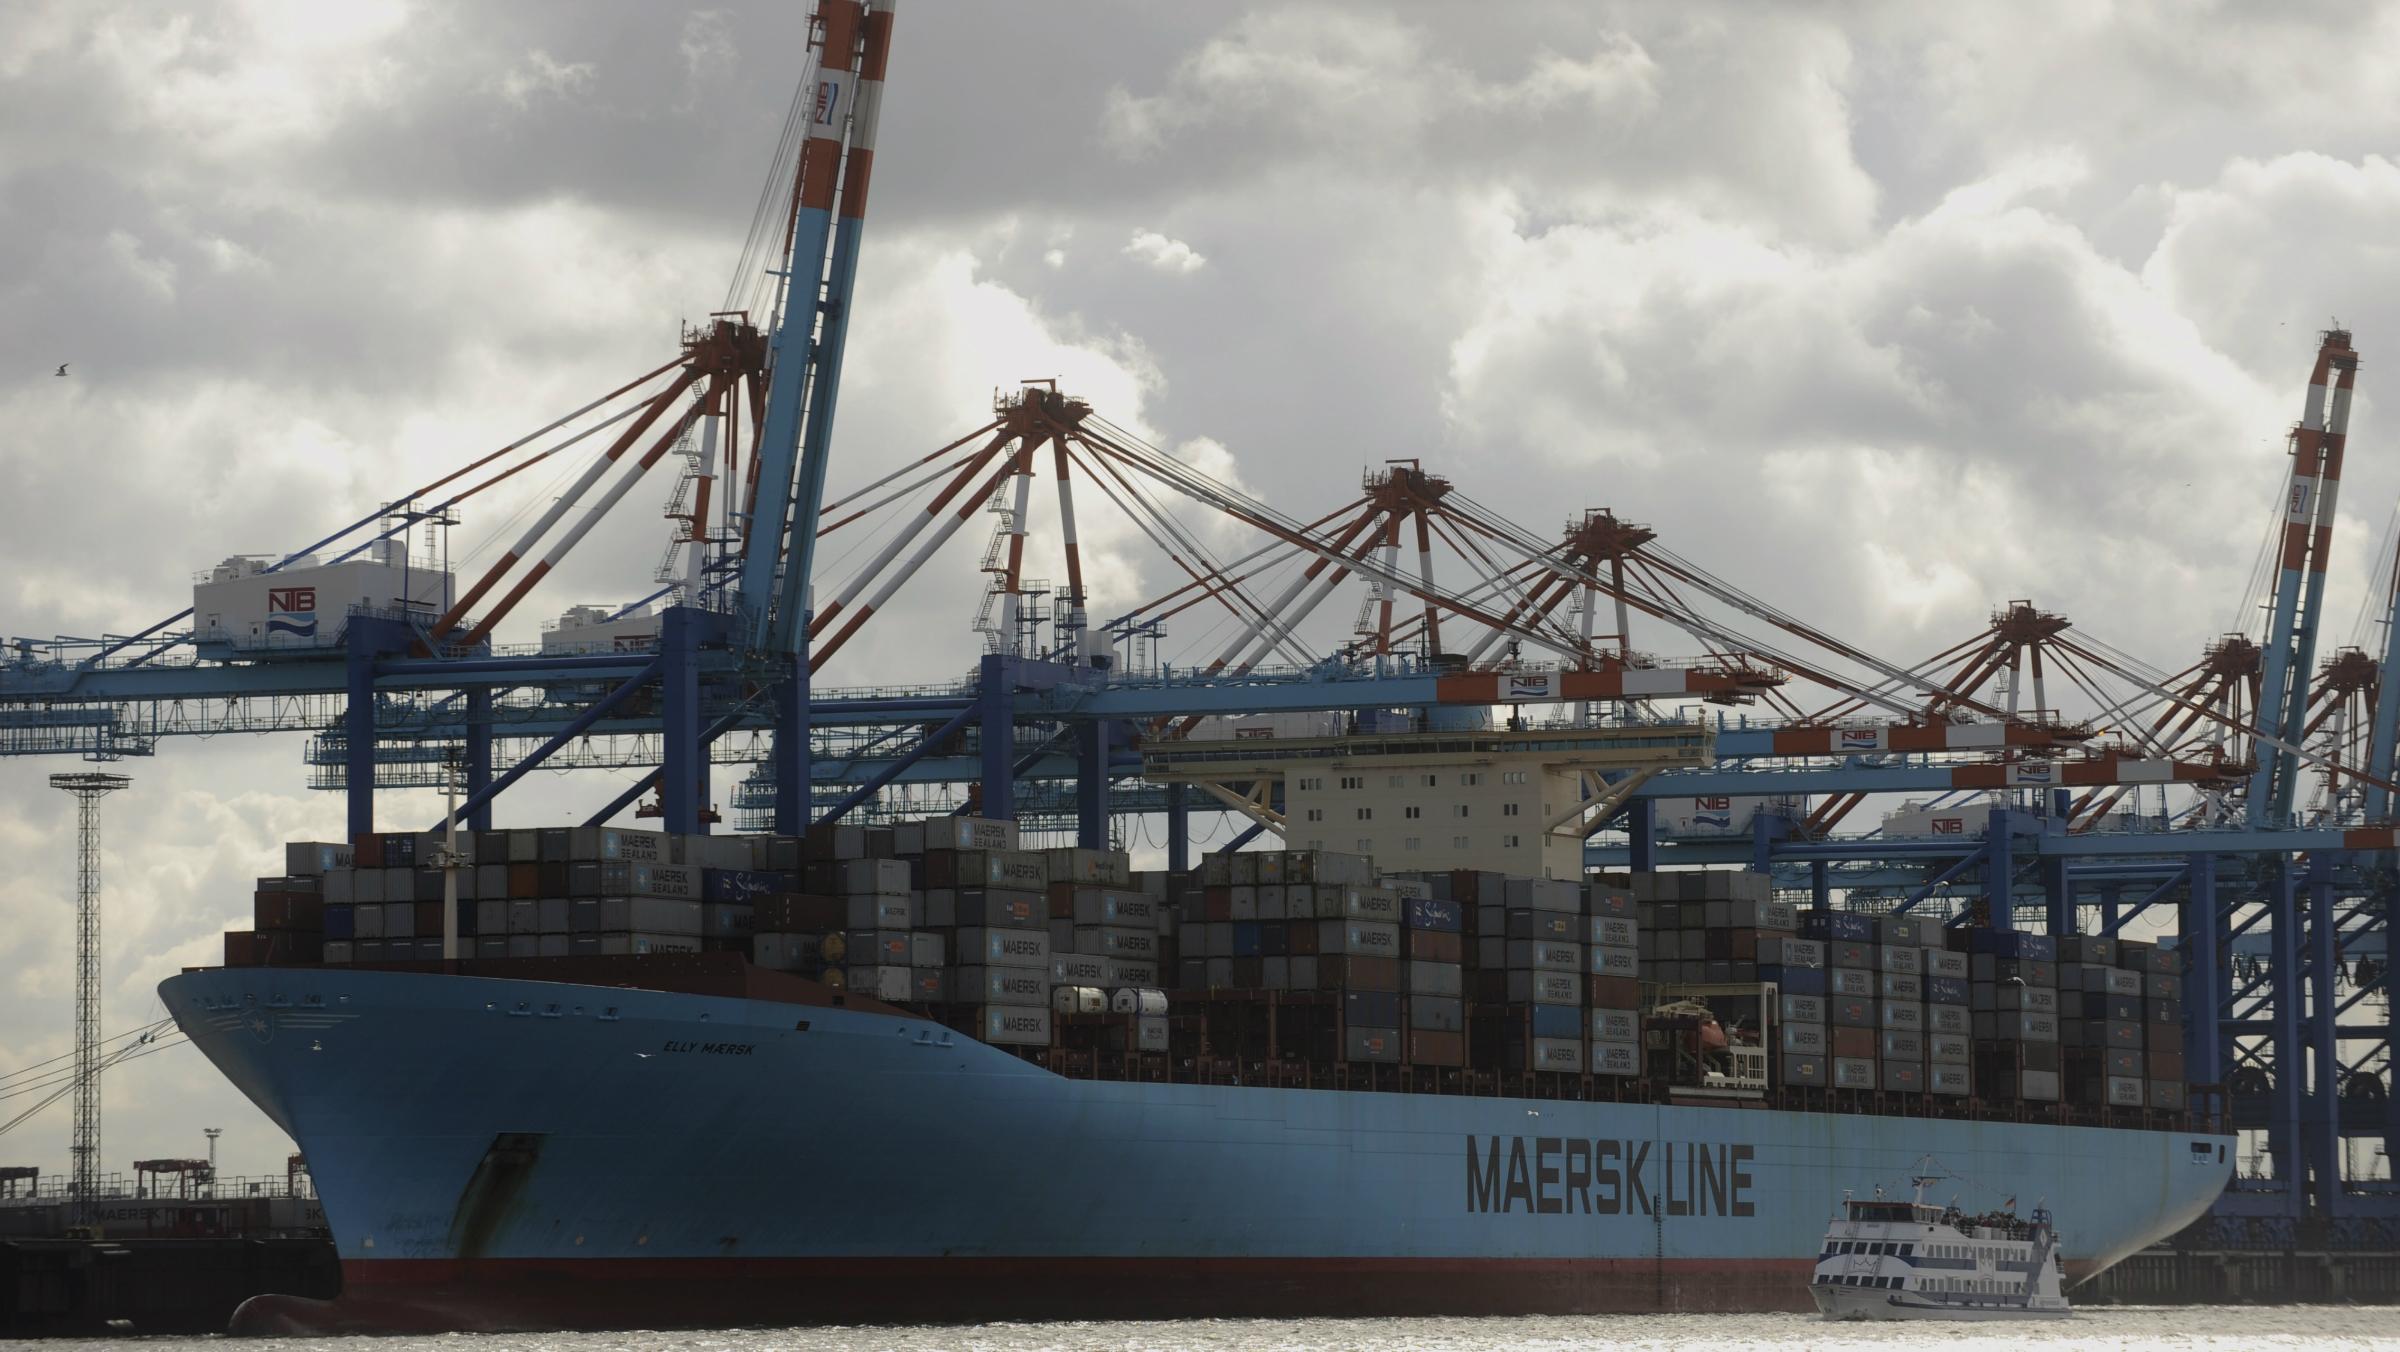 """ARCHIV: Das Containerschiff """"Elly Maersk"""" liegt in Bremerhaven an der Containerkaje (Foto vom 25.09.11). Ein beinharter Preiskampf hat der groessten Containerreederei der Welt 2011 umgerechnet 400 Millionen Euro Verluste beschert. Auch im laufenden Jahr rechnet das daenische Unternehmen A.P. Moller-Maersk trotz hoeherer Nachfrage mit roten Zahlen im Containergeschaeft. Allerdings hat der Mischkonzern mit der Foerderung von Oel und Gas und anderen Nebengeschaeften Gewinne erzielt, wie A.P. Moller-Maersk am Montag (27.02.12) in Kopenhagen mitteilte. (zu dapd-Text) Foto: David Hecker/dapd"""